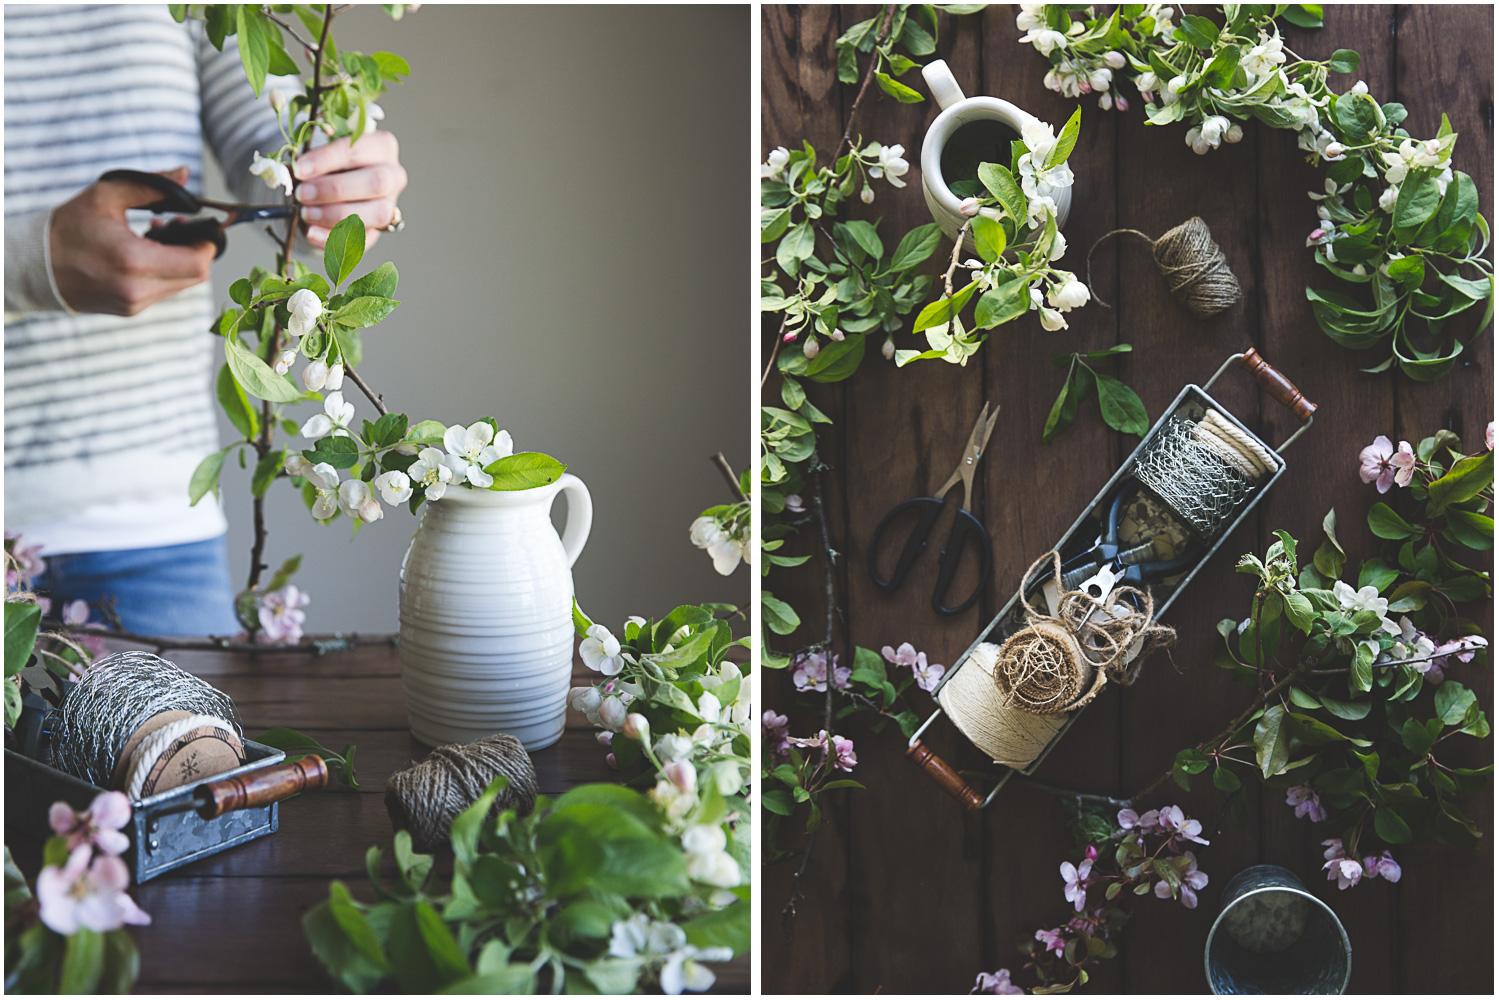 Bragg_Kate_Spring_17_Blossoms2.jpg